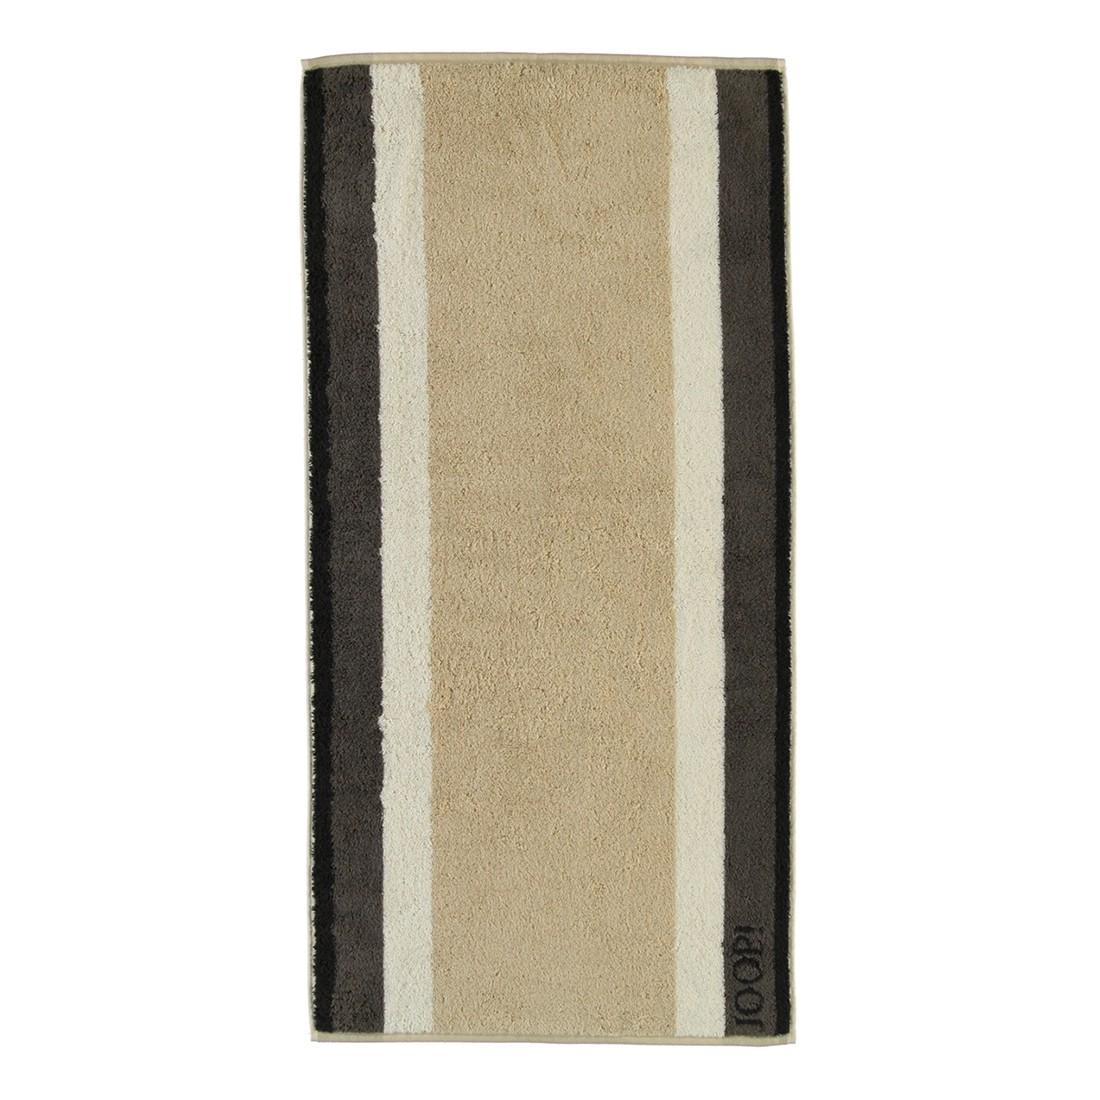 Handtuch Elegance Stripes – 100% Baumwolle travertin – 37 – Duschtuch: 80 x 150 cm, Joop jetzt bestellen